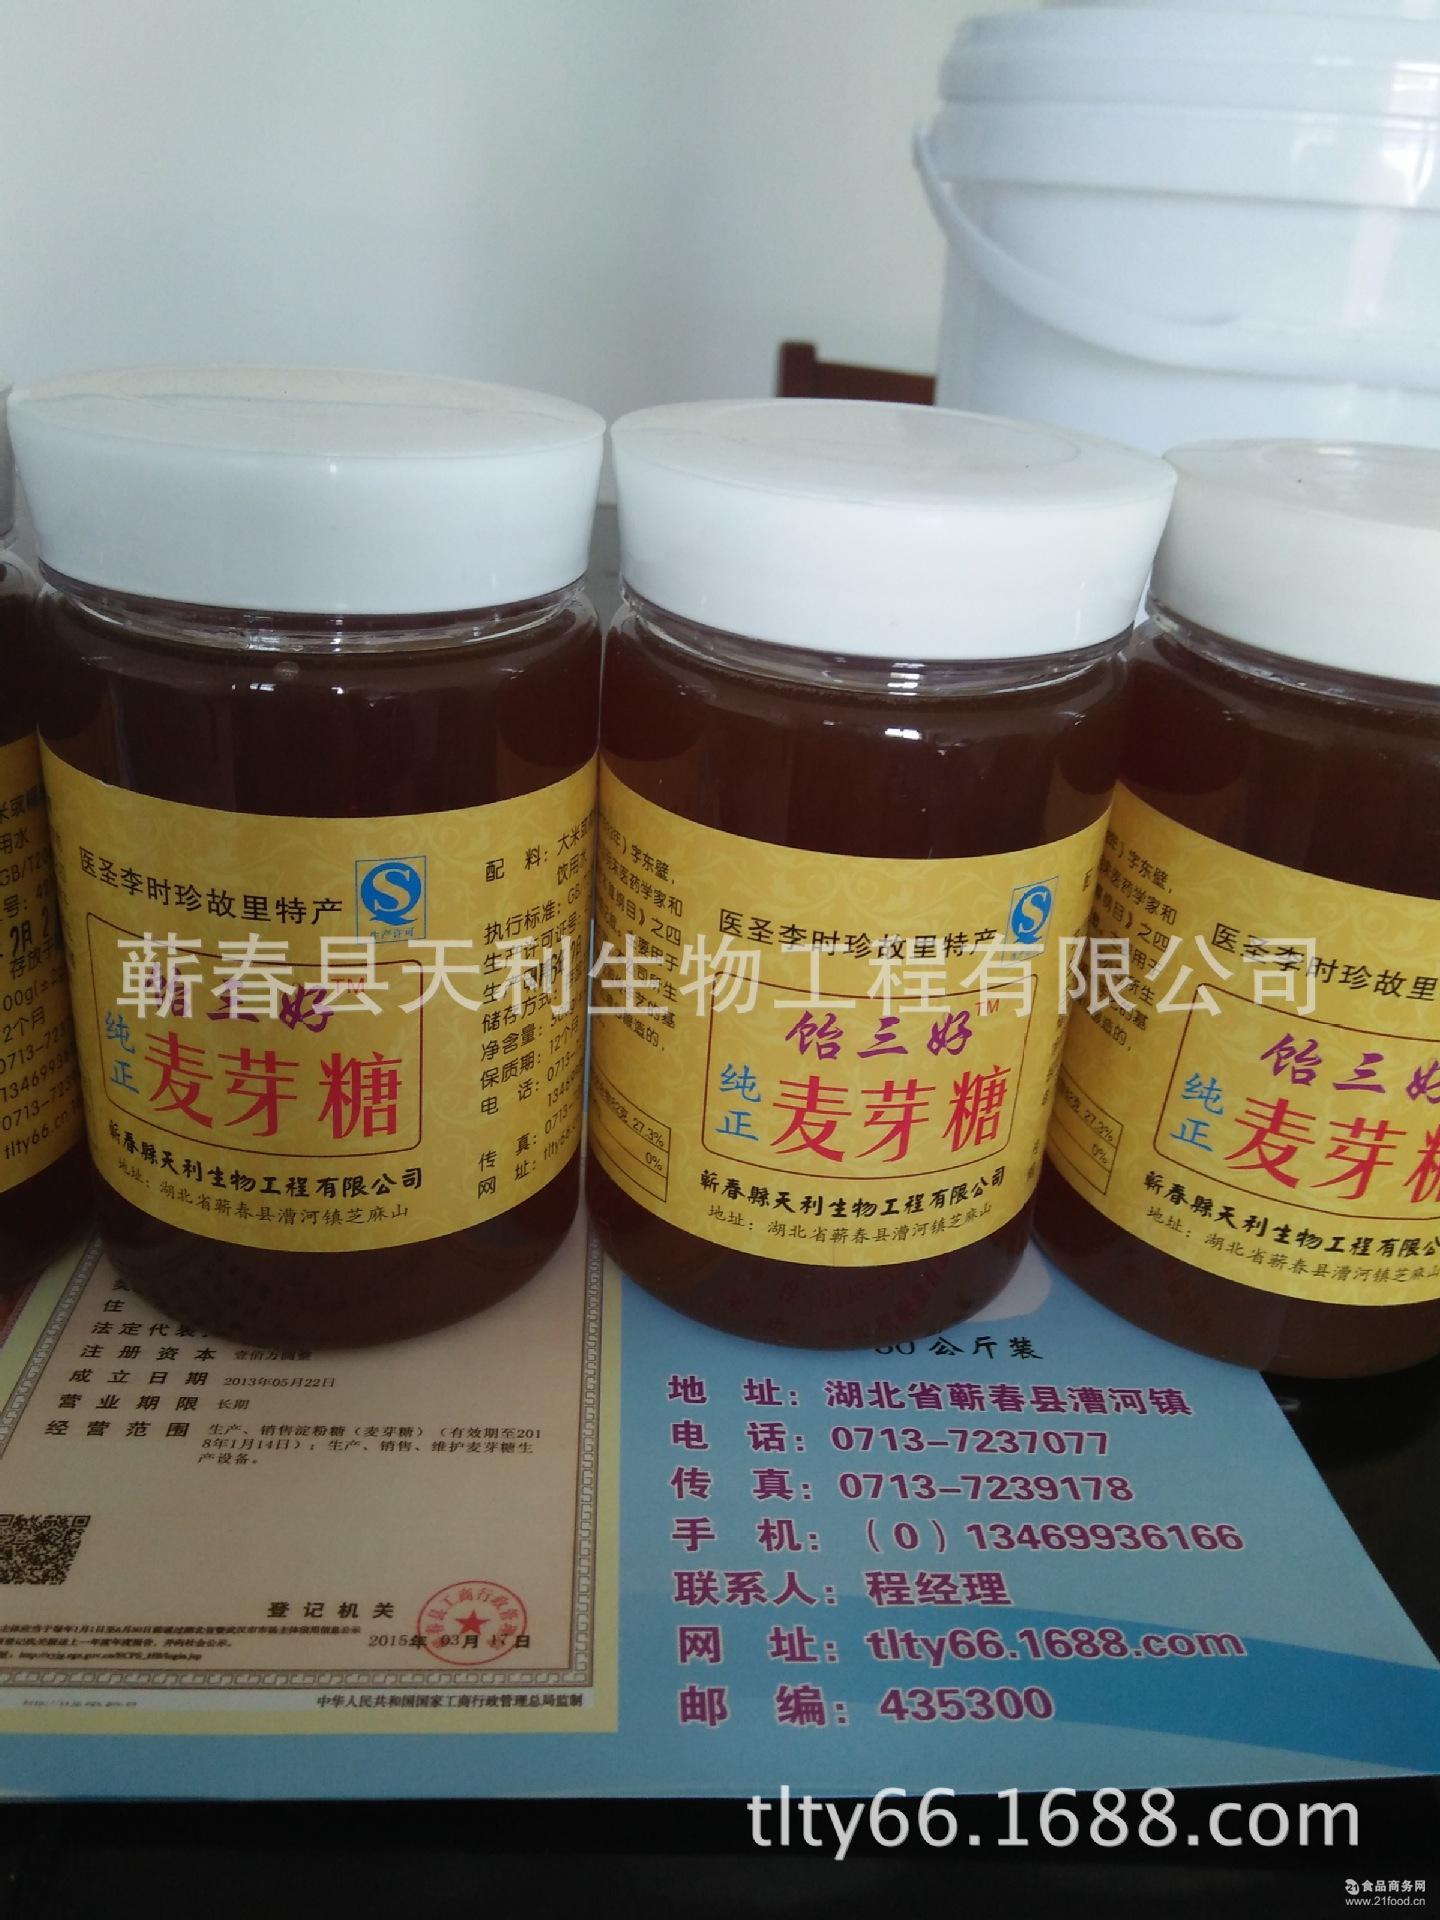 品质保证 价格低廉 营养丰富 500g/瓶传统工艺麦芽糖厂家直销